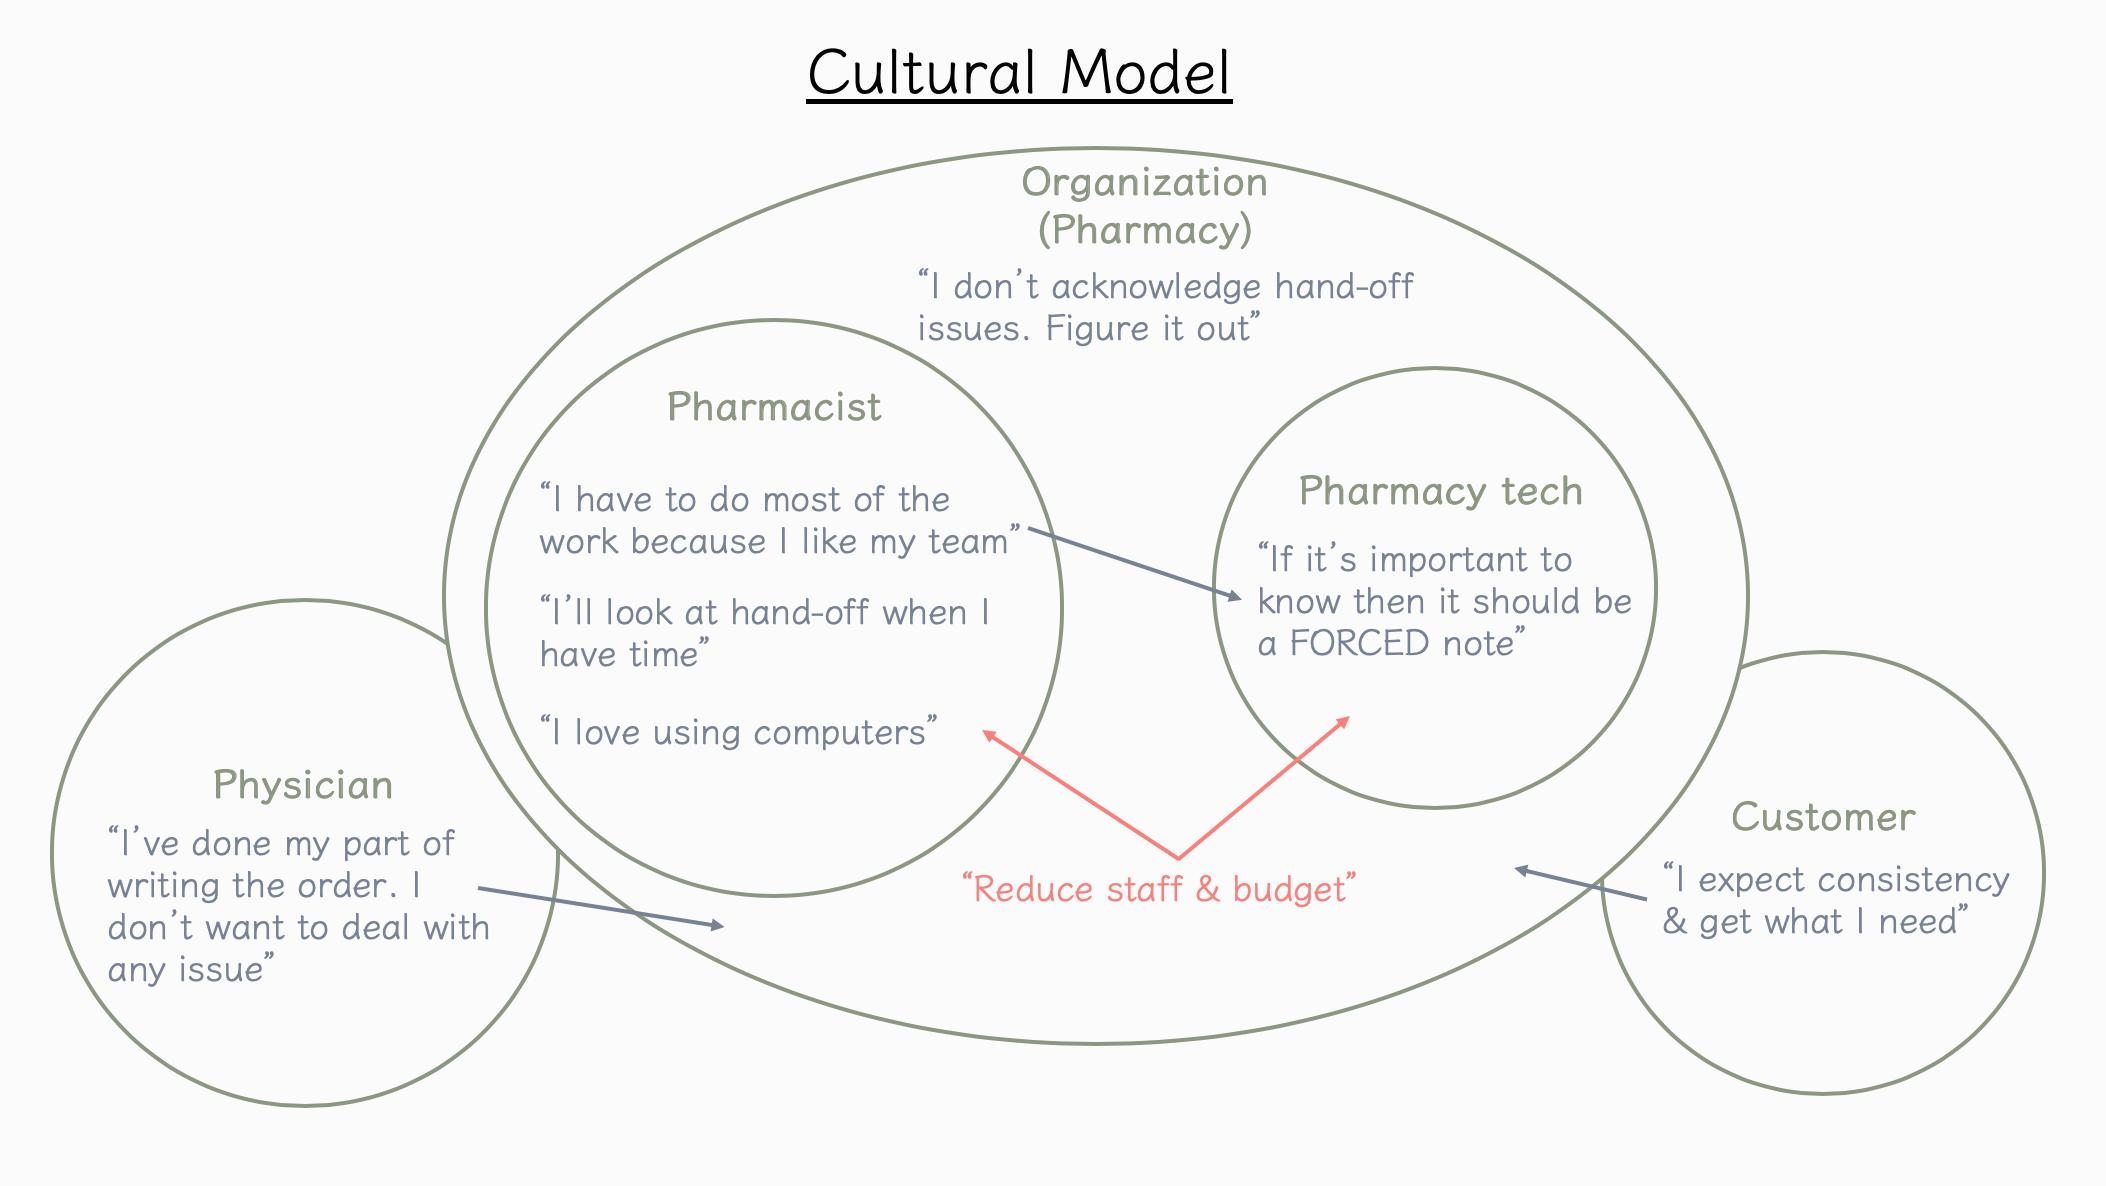 Cultural model